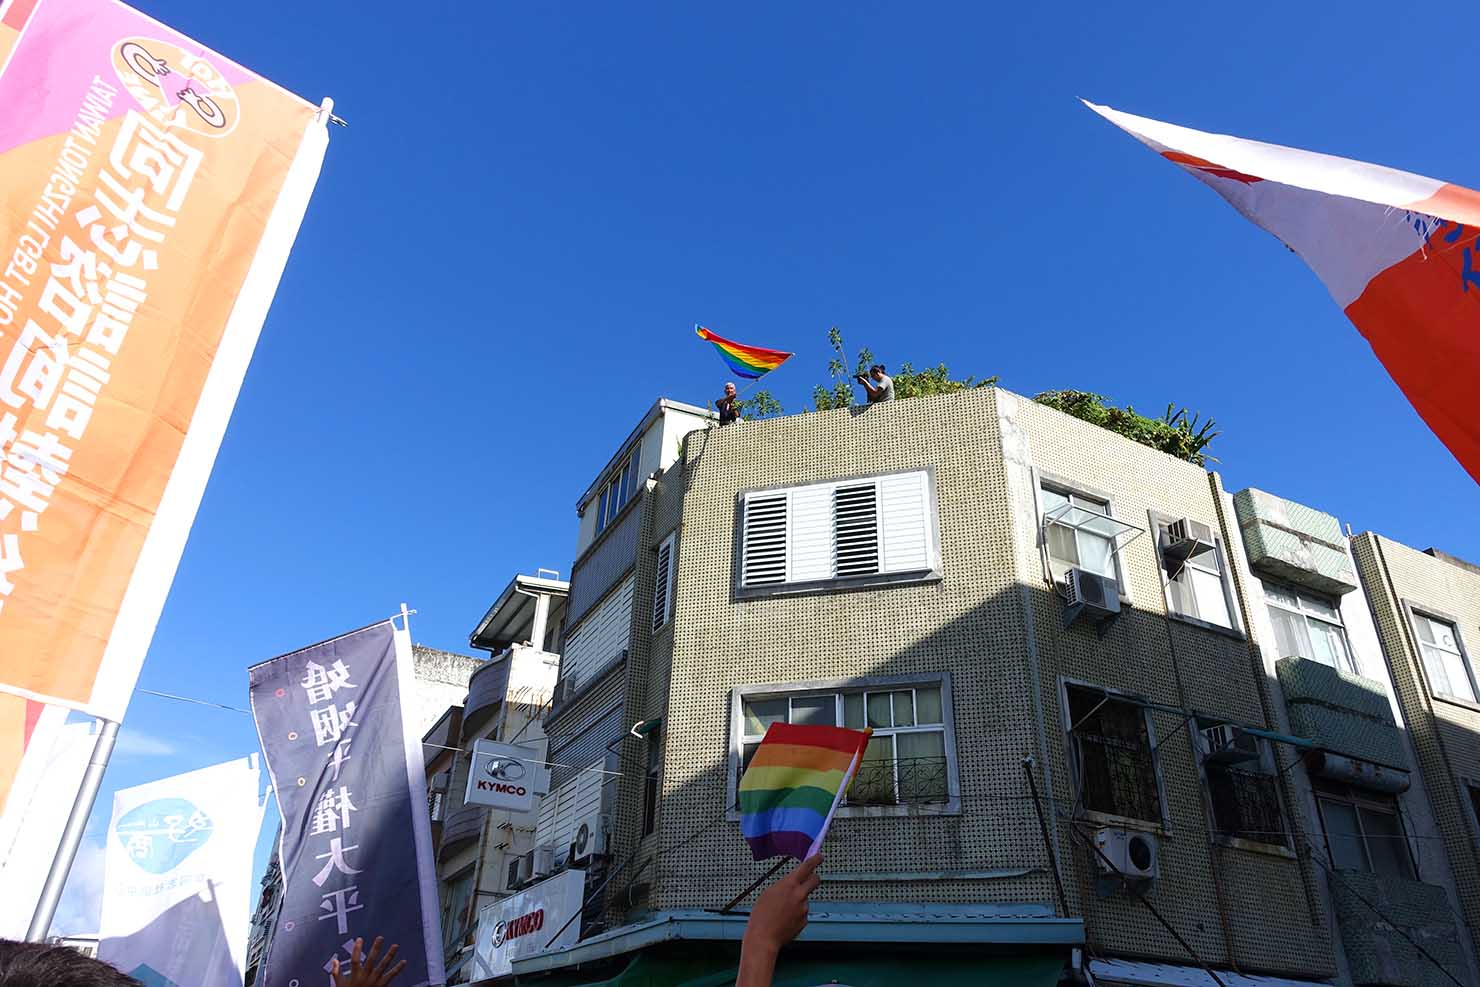 台湾東部のLGBTプライド「花東彩虹嘉年華」で屋上からレインボーフラッグを振る活動家・祁家威氏